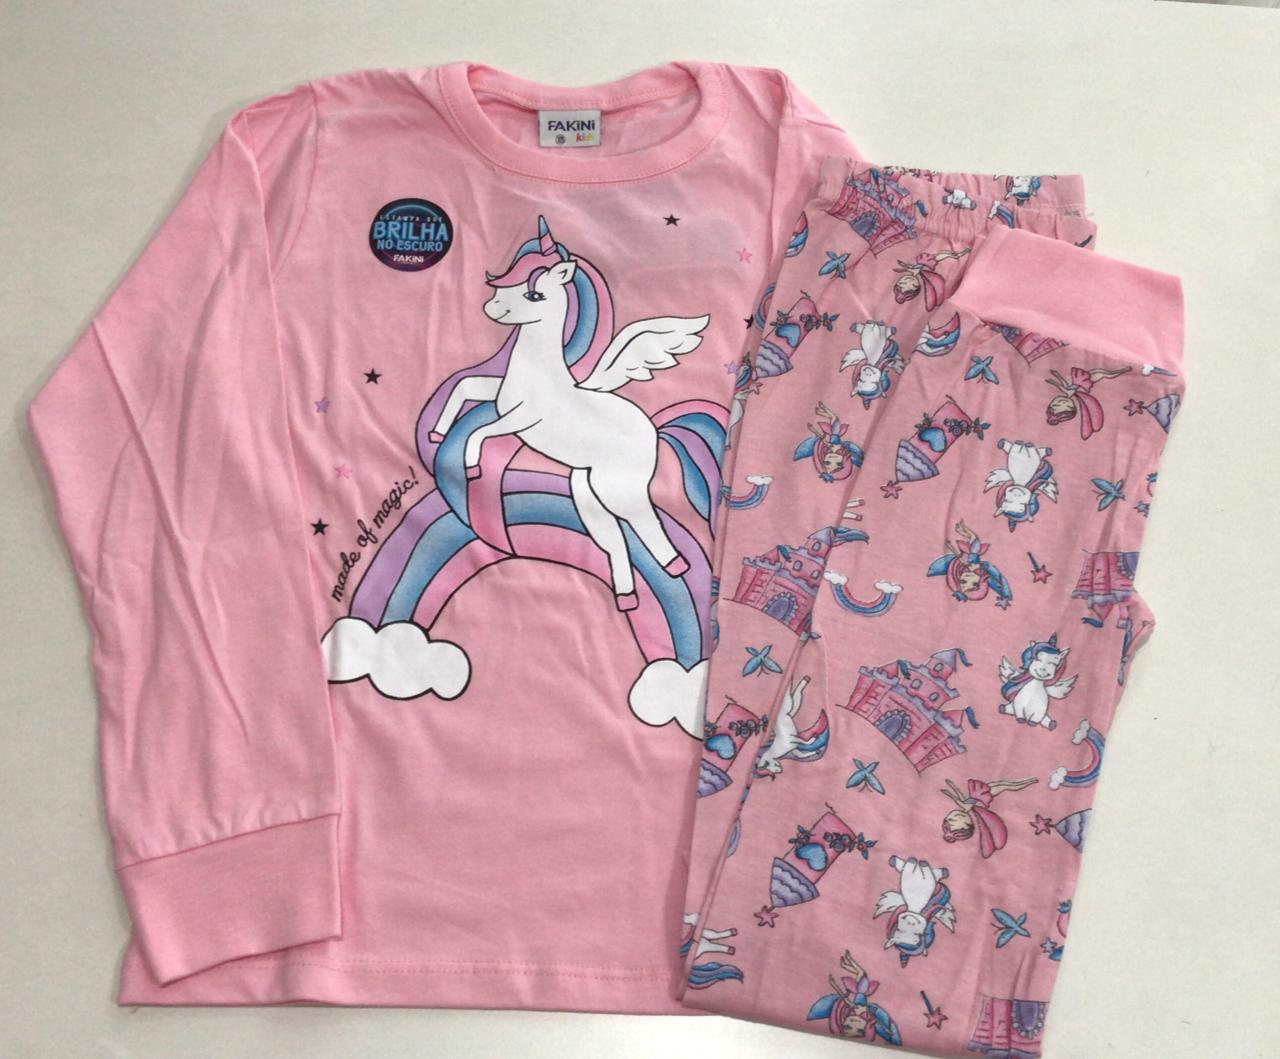 Pijama Feminino Infantil Juvenil  Fakini Manga Longa com Calça Unicórnio Rosa em Algodão que Brilha no Escuro 1124